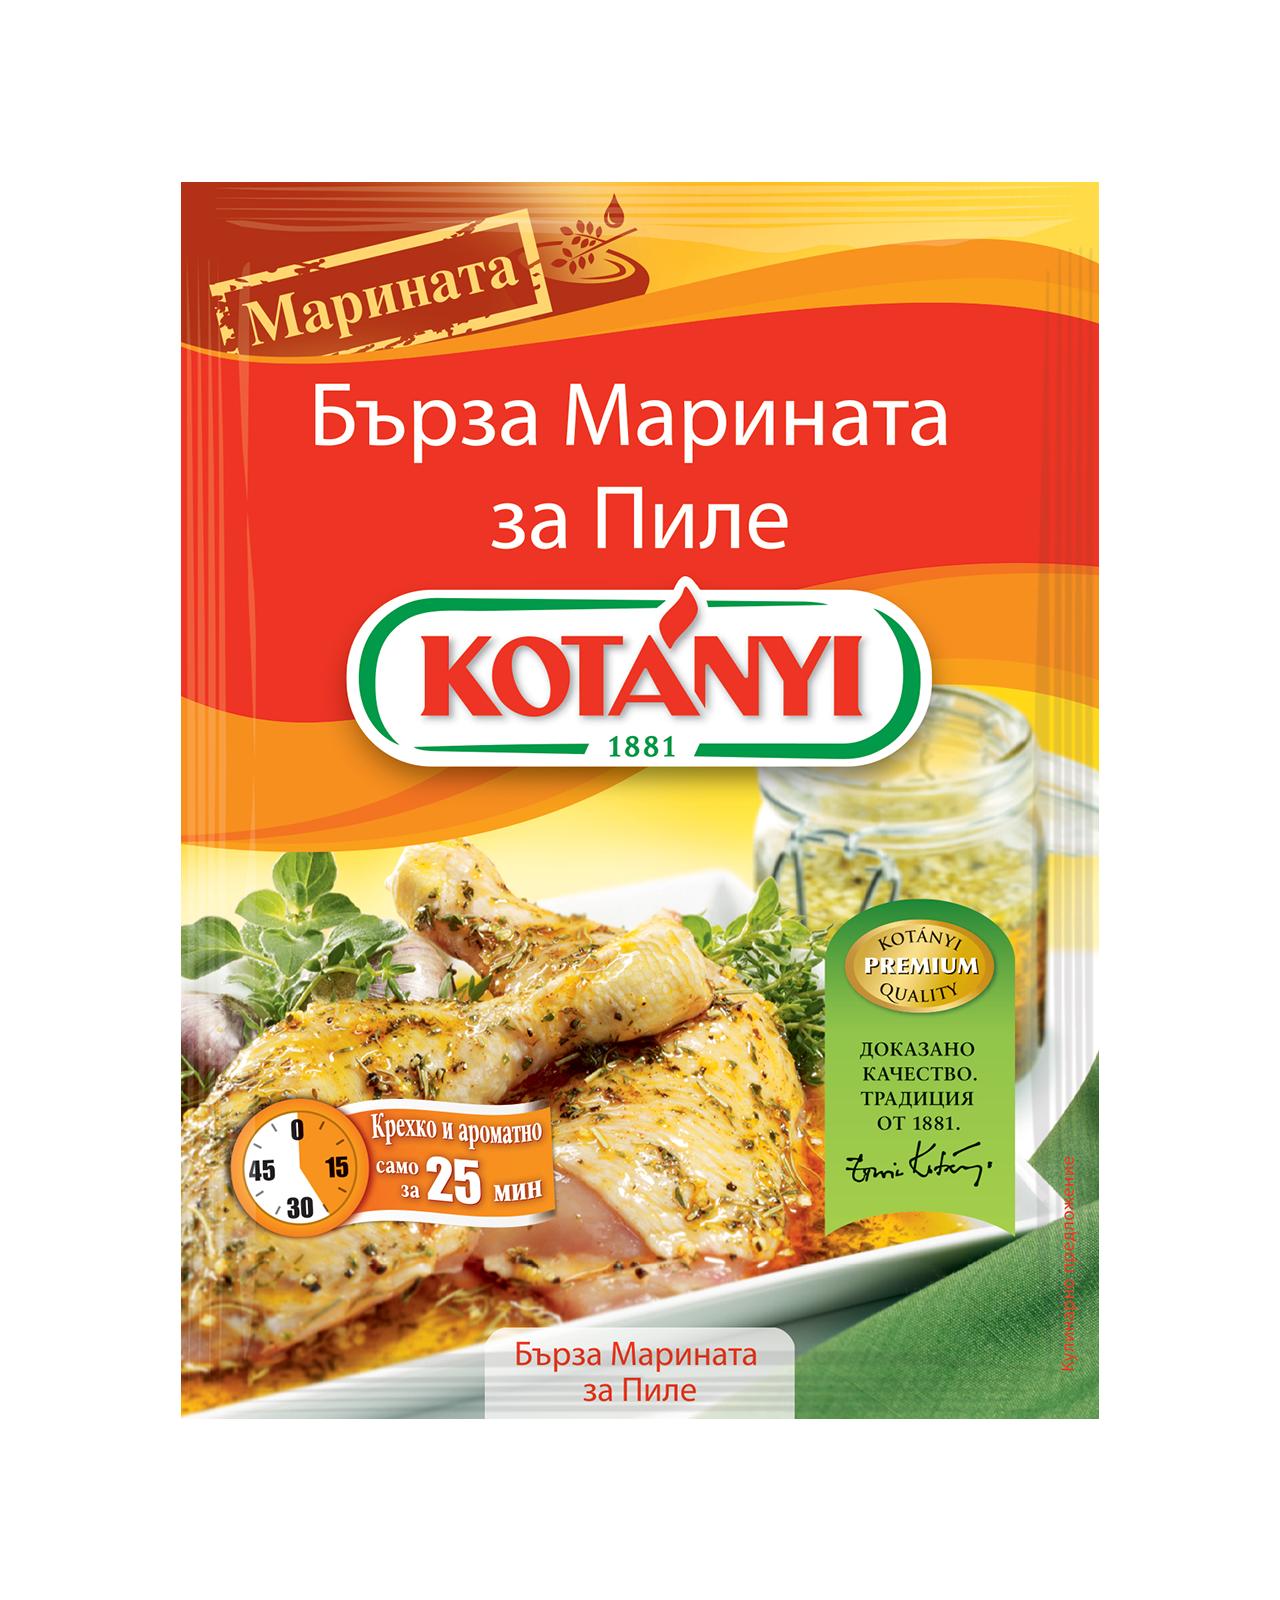 108010 Kotanyi Бърза Марината за Пиле B2c Pouch